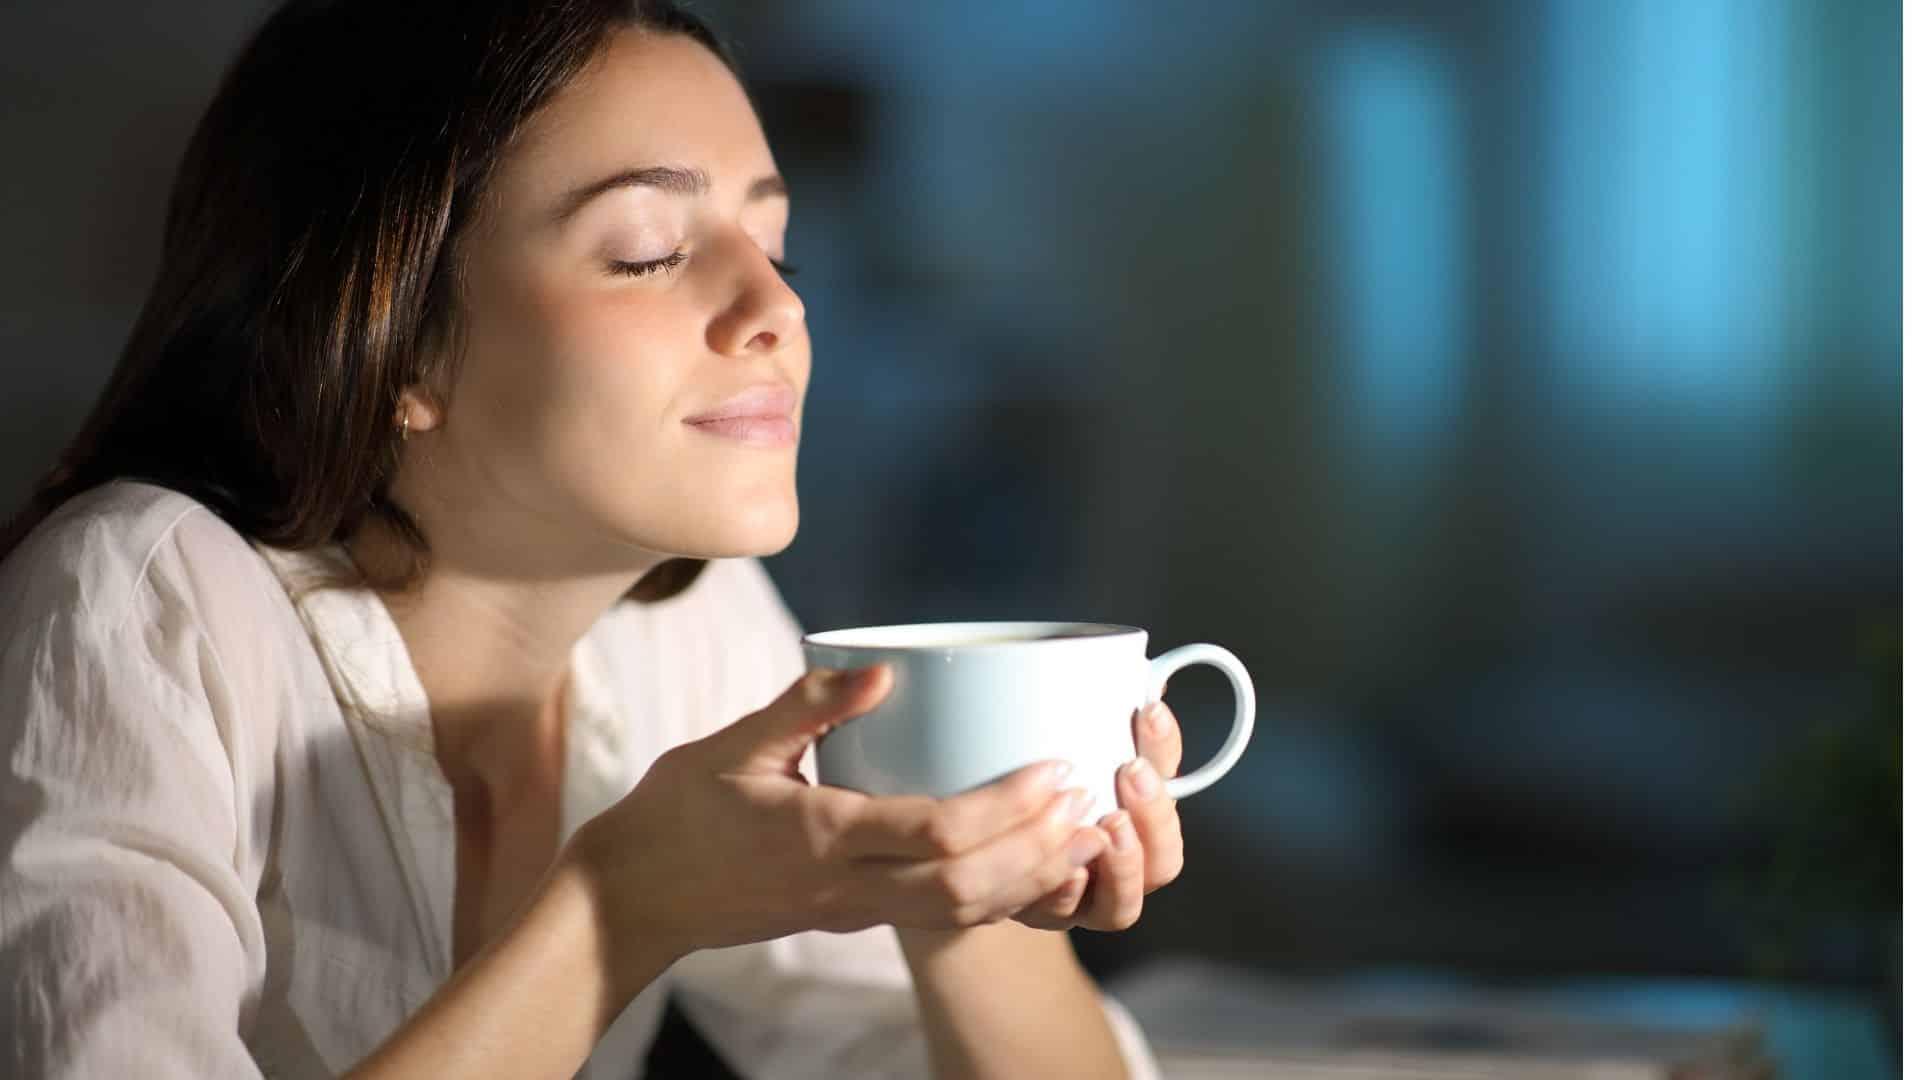 Független tudományos bizonyítékok azt mutatják, hogy a kávé, koffeinnel, vagy koffeinmentes kávé, számos egyedülálló egészségügyi előnnyel jár. Beleértve a megnövekedett életminőséget és a többszörös rákos megbetegedések és krónikus betegségek kockázatának csökkentését.